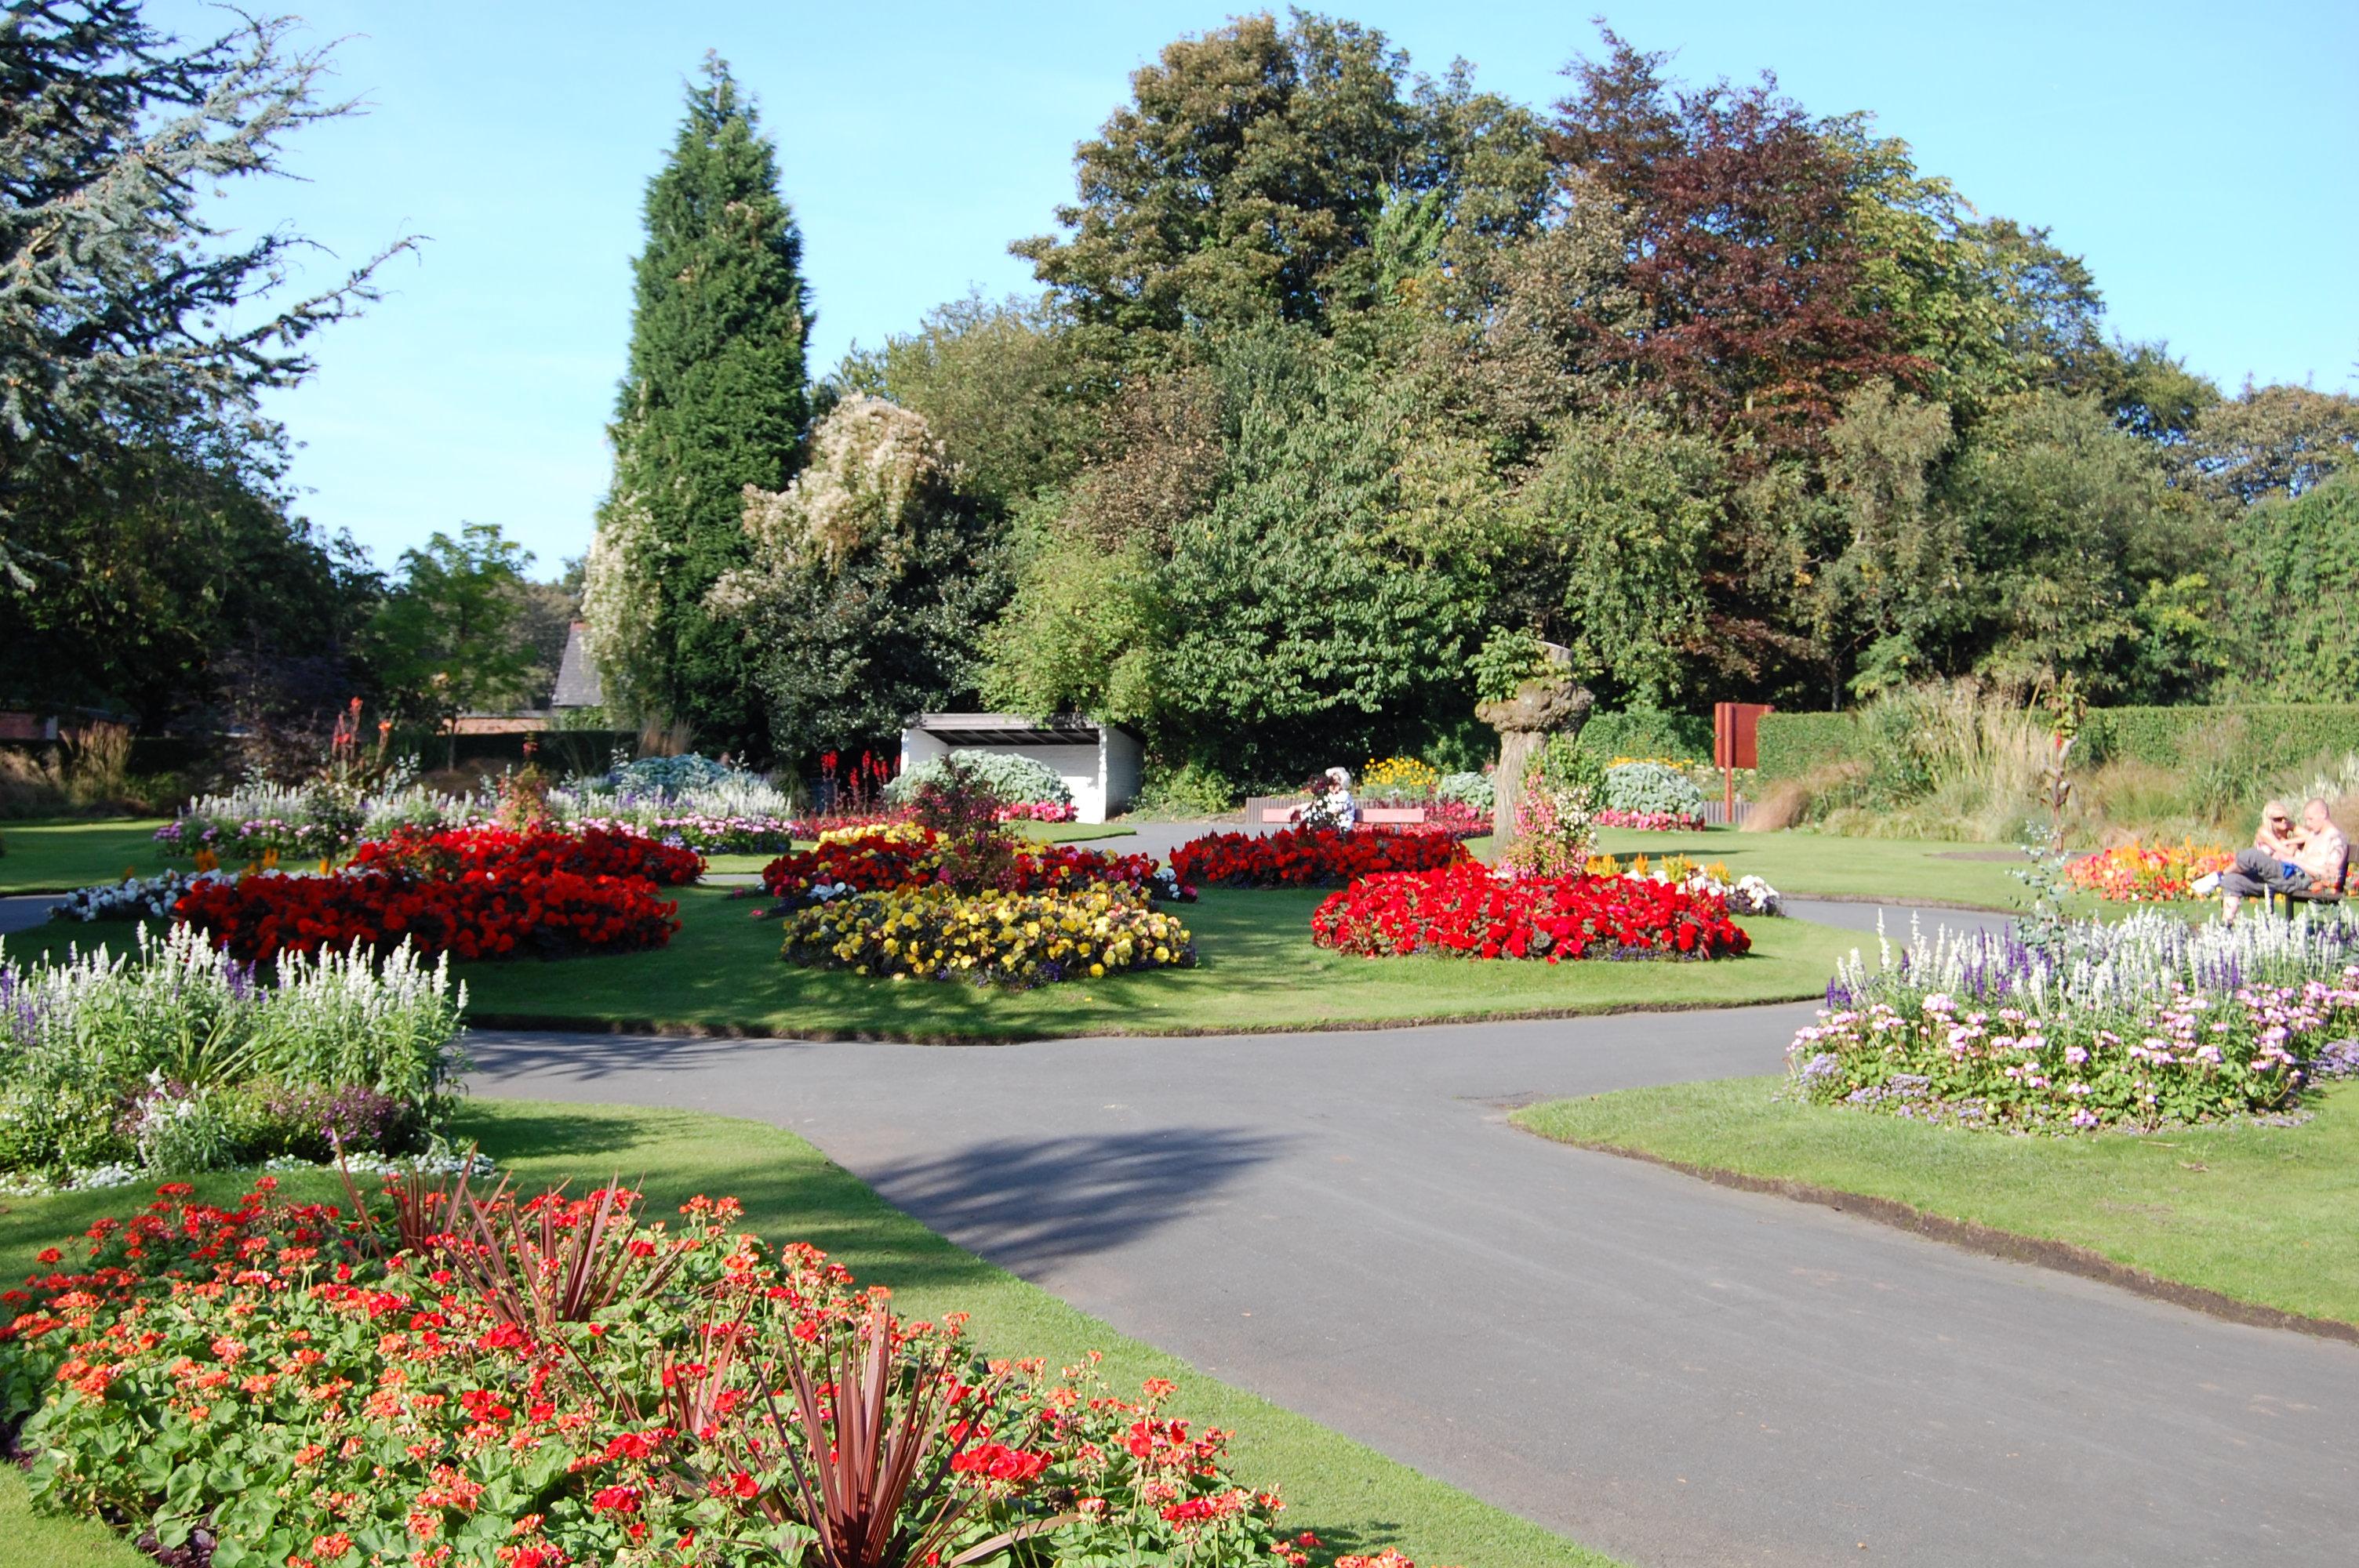 File:Ashton under Lyne - Stamford Park.JPG - Wikimedia Commons